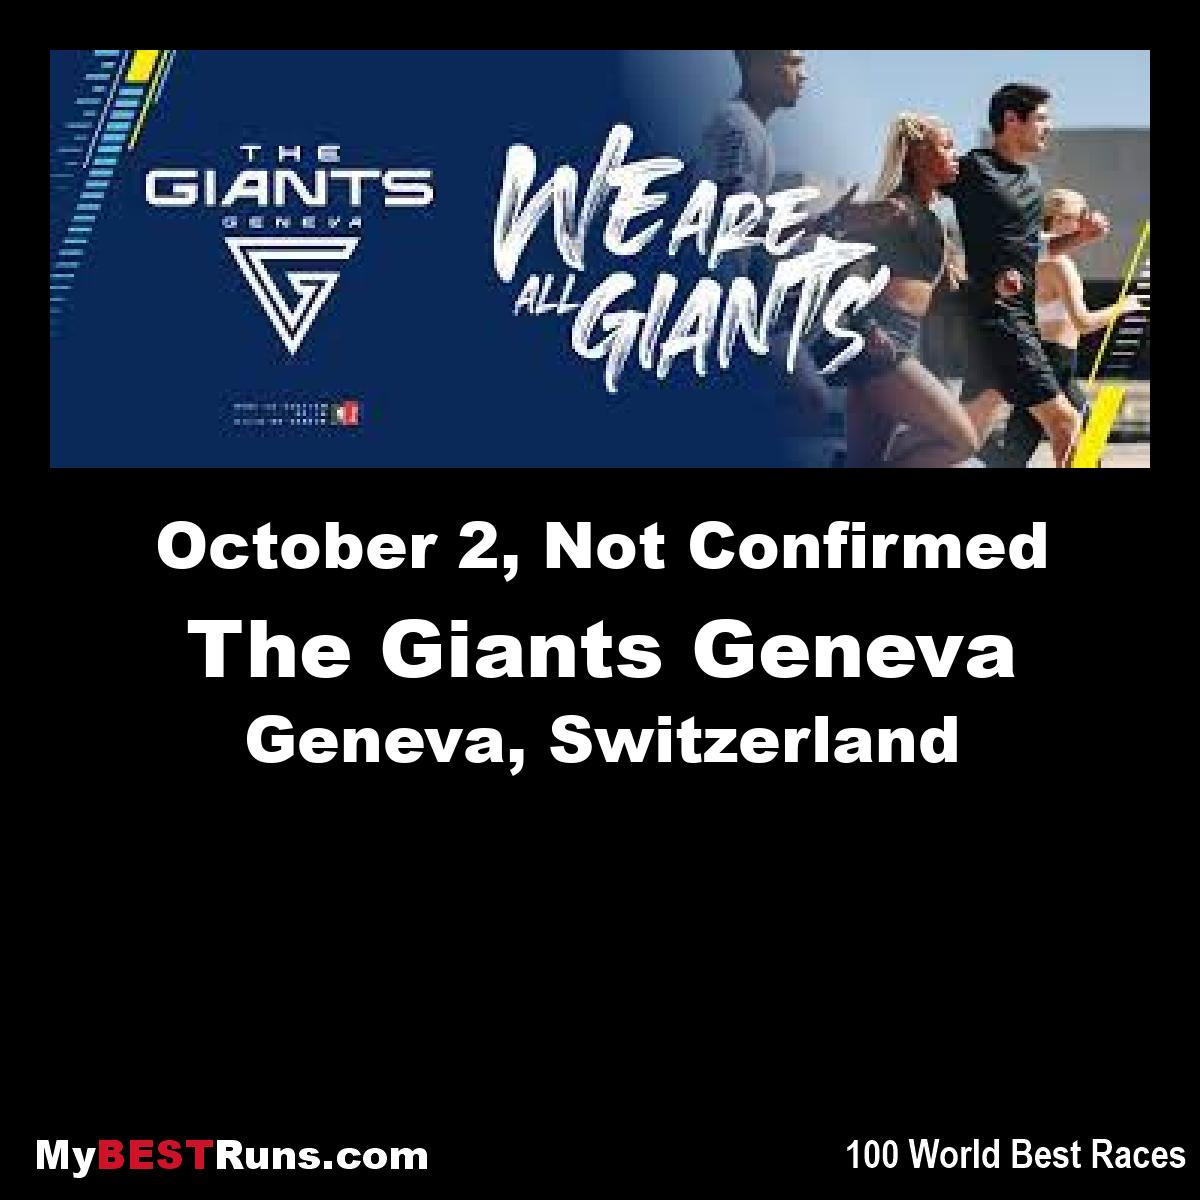 The Giants Geneva